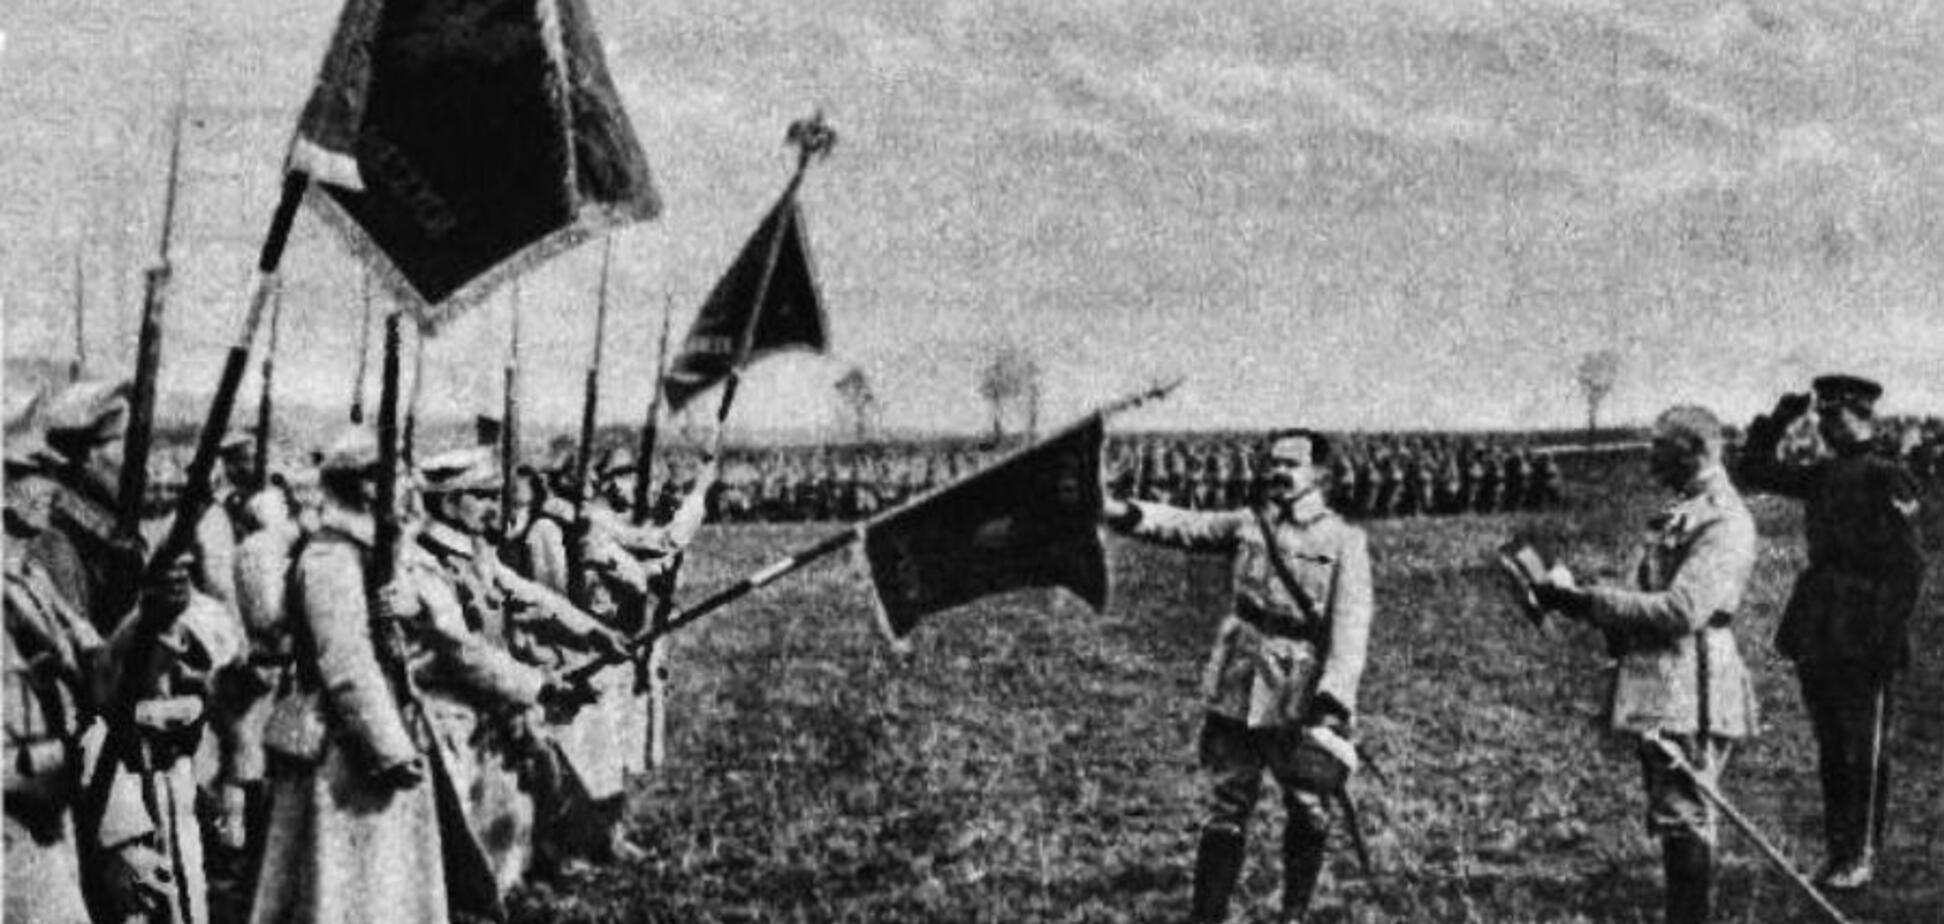 Польща запропонувала Україні спільно відзначити перемогу над Росією